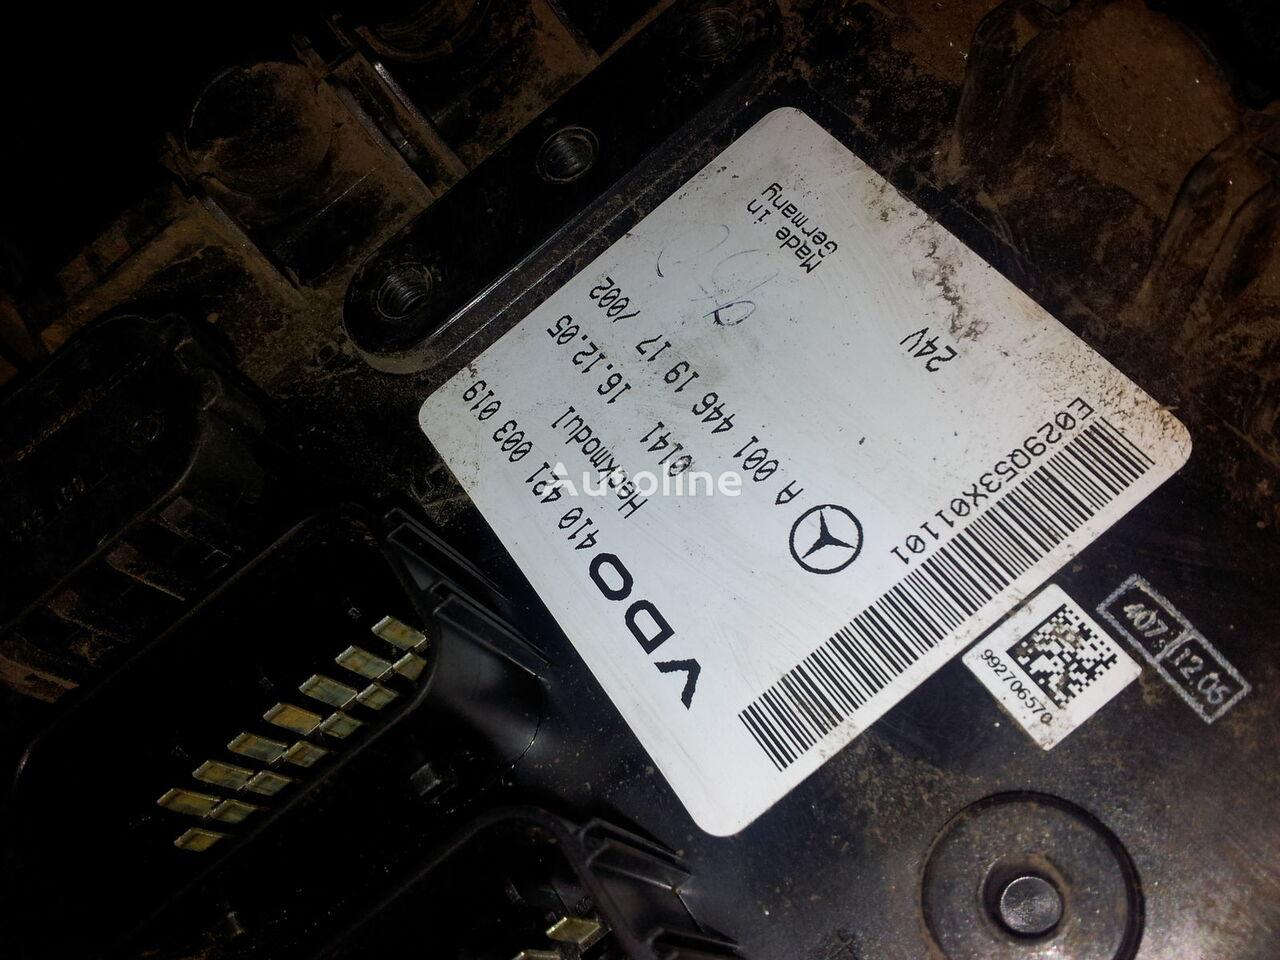 MB Actros MP2, MP3, Heckmodul, control unit, EDC, ECU, rear module electronics, 0014461917, 0014462817, 0014462017,0014461917,0014462717,0014461617, 41021003020, 410421003019, 0014462817 boîte de commande pour MERCEDES-BENZ Actros MP2; MP3 tracteur routier